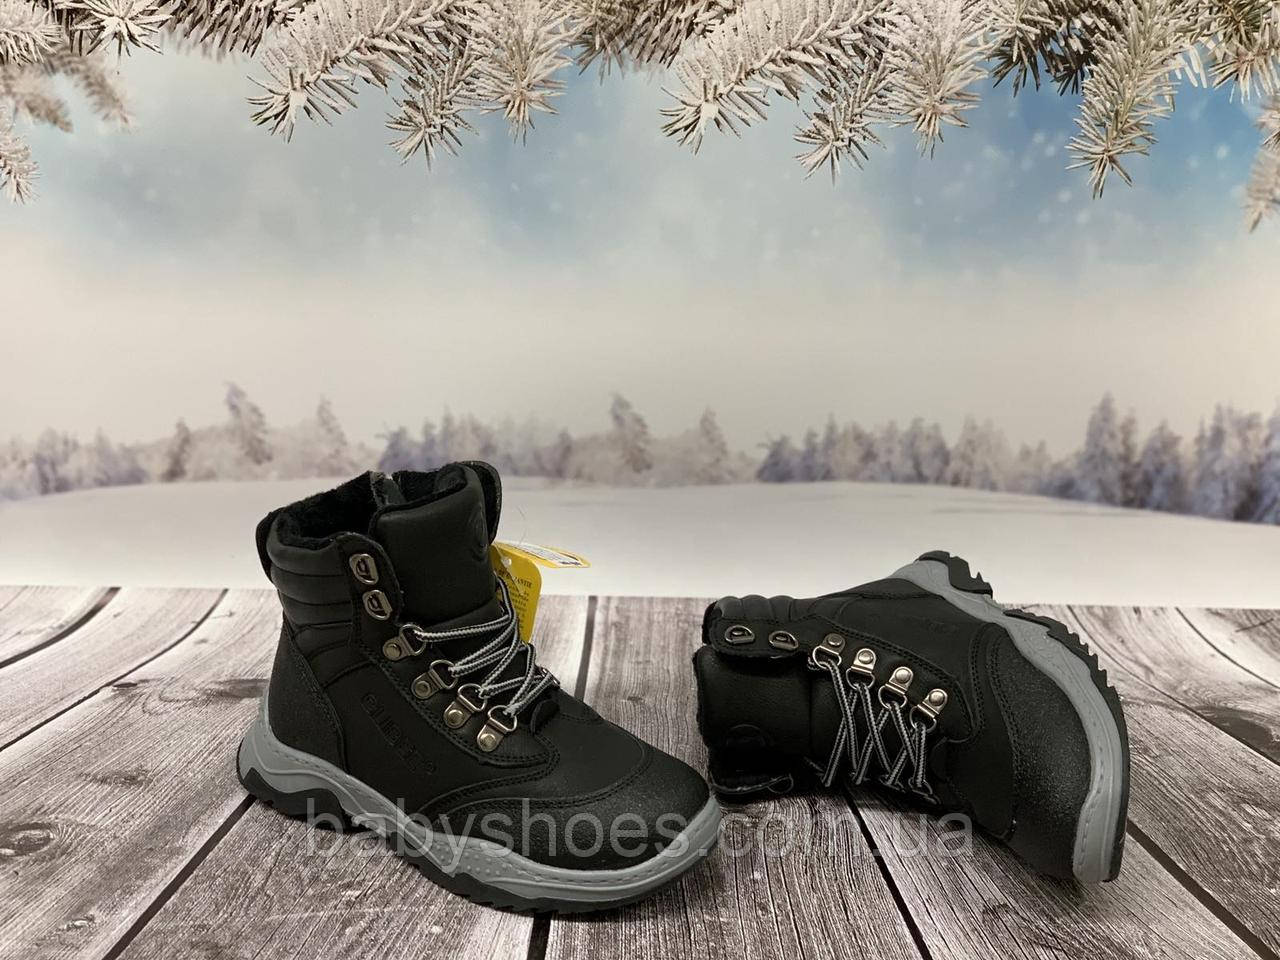 Зимние ботинки для мальчика, Clibee, черные, р.32-37, ЗМ-273